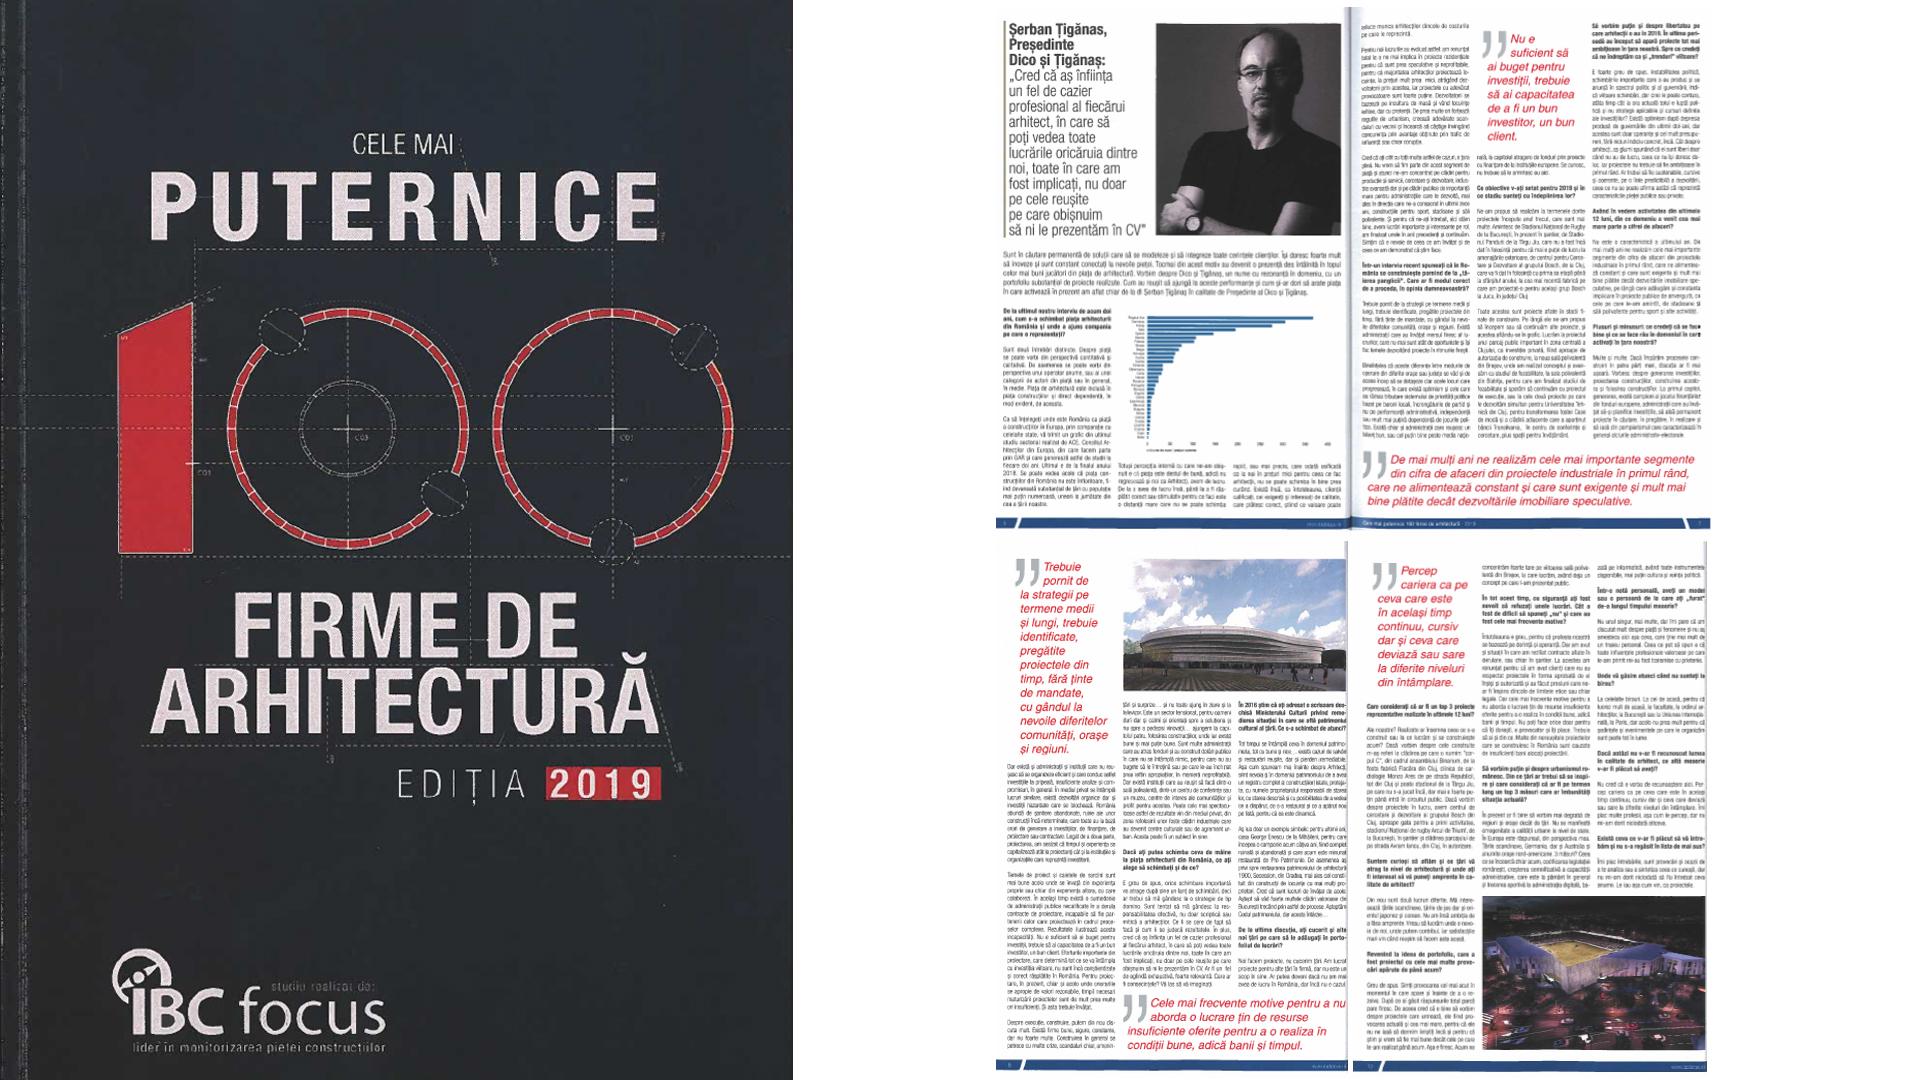 Cele mai puternice firme de arhitectura, IBC focus, 2019